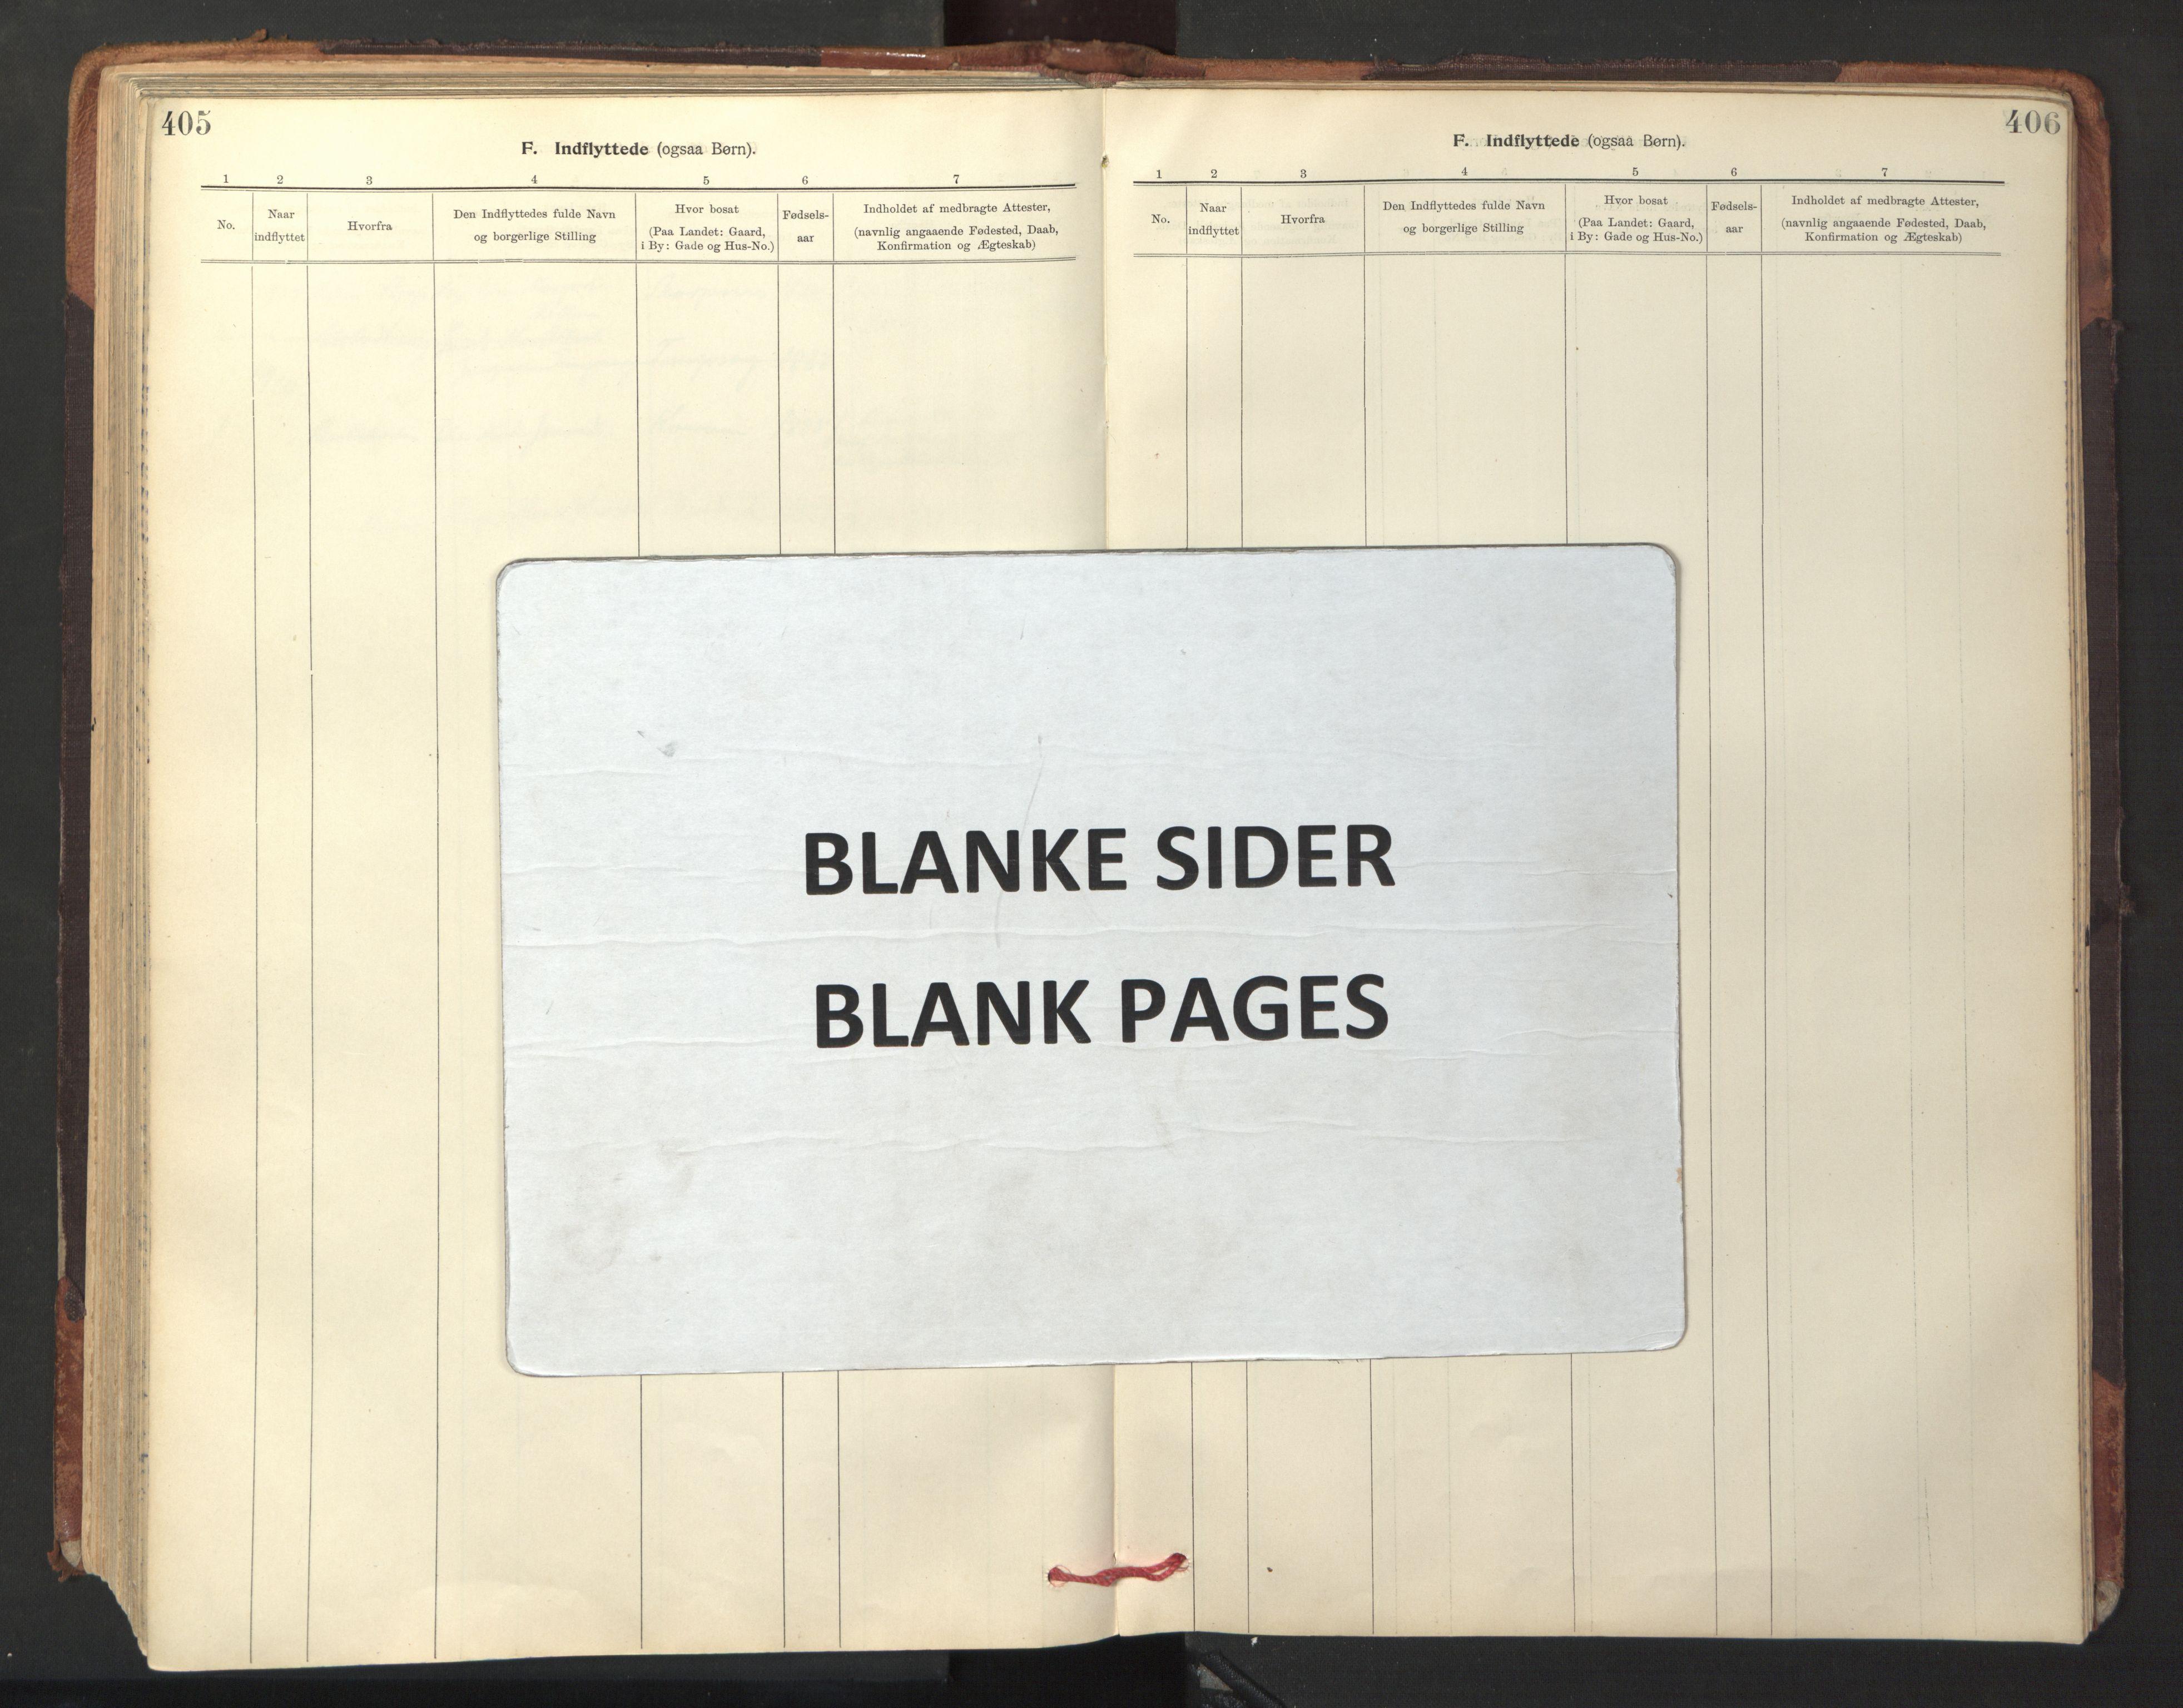 SAT, Ministerialprotokoller, klokkerbøker og fødselsregistre - Sør-Trøndelag, 641/L0596: Ministerialbok nr. 641A02, 1898-1915, s. 405-406